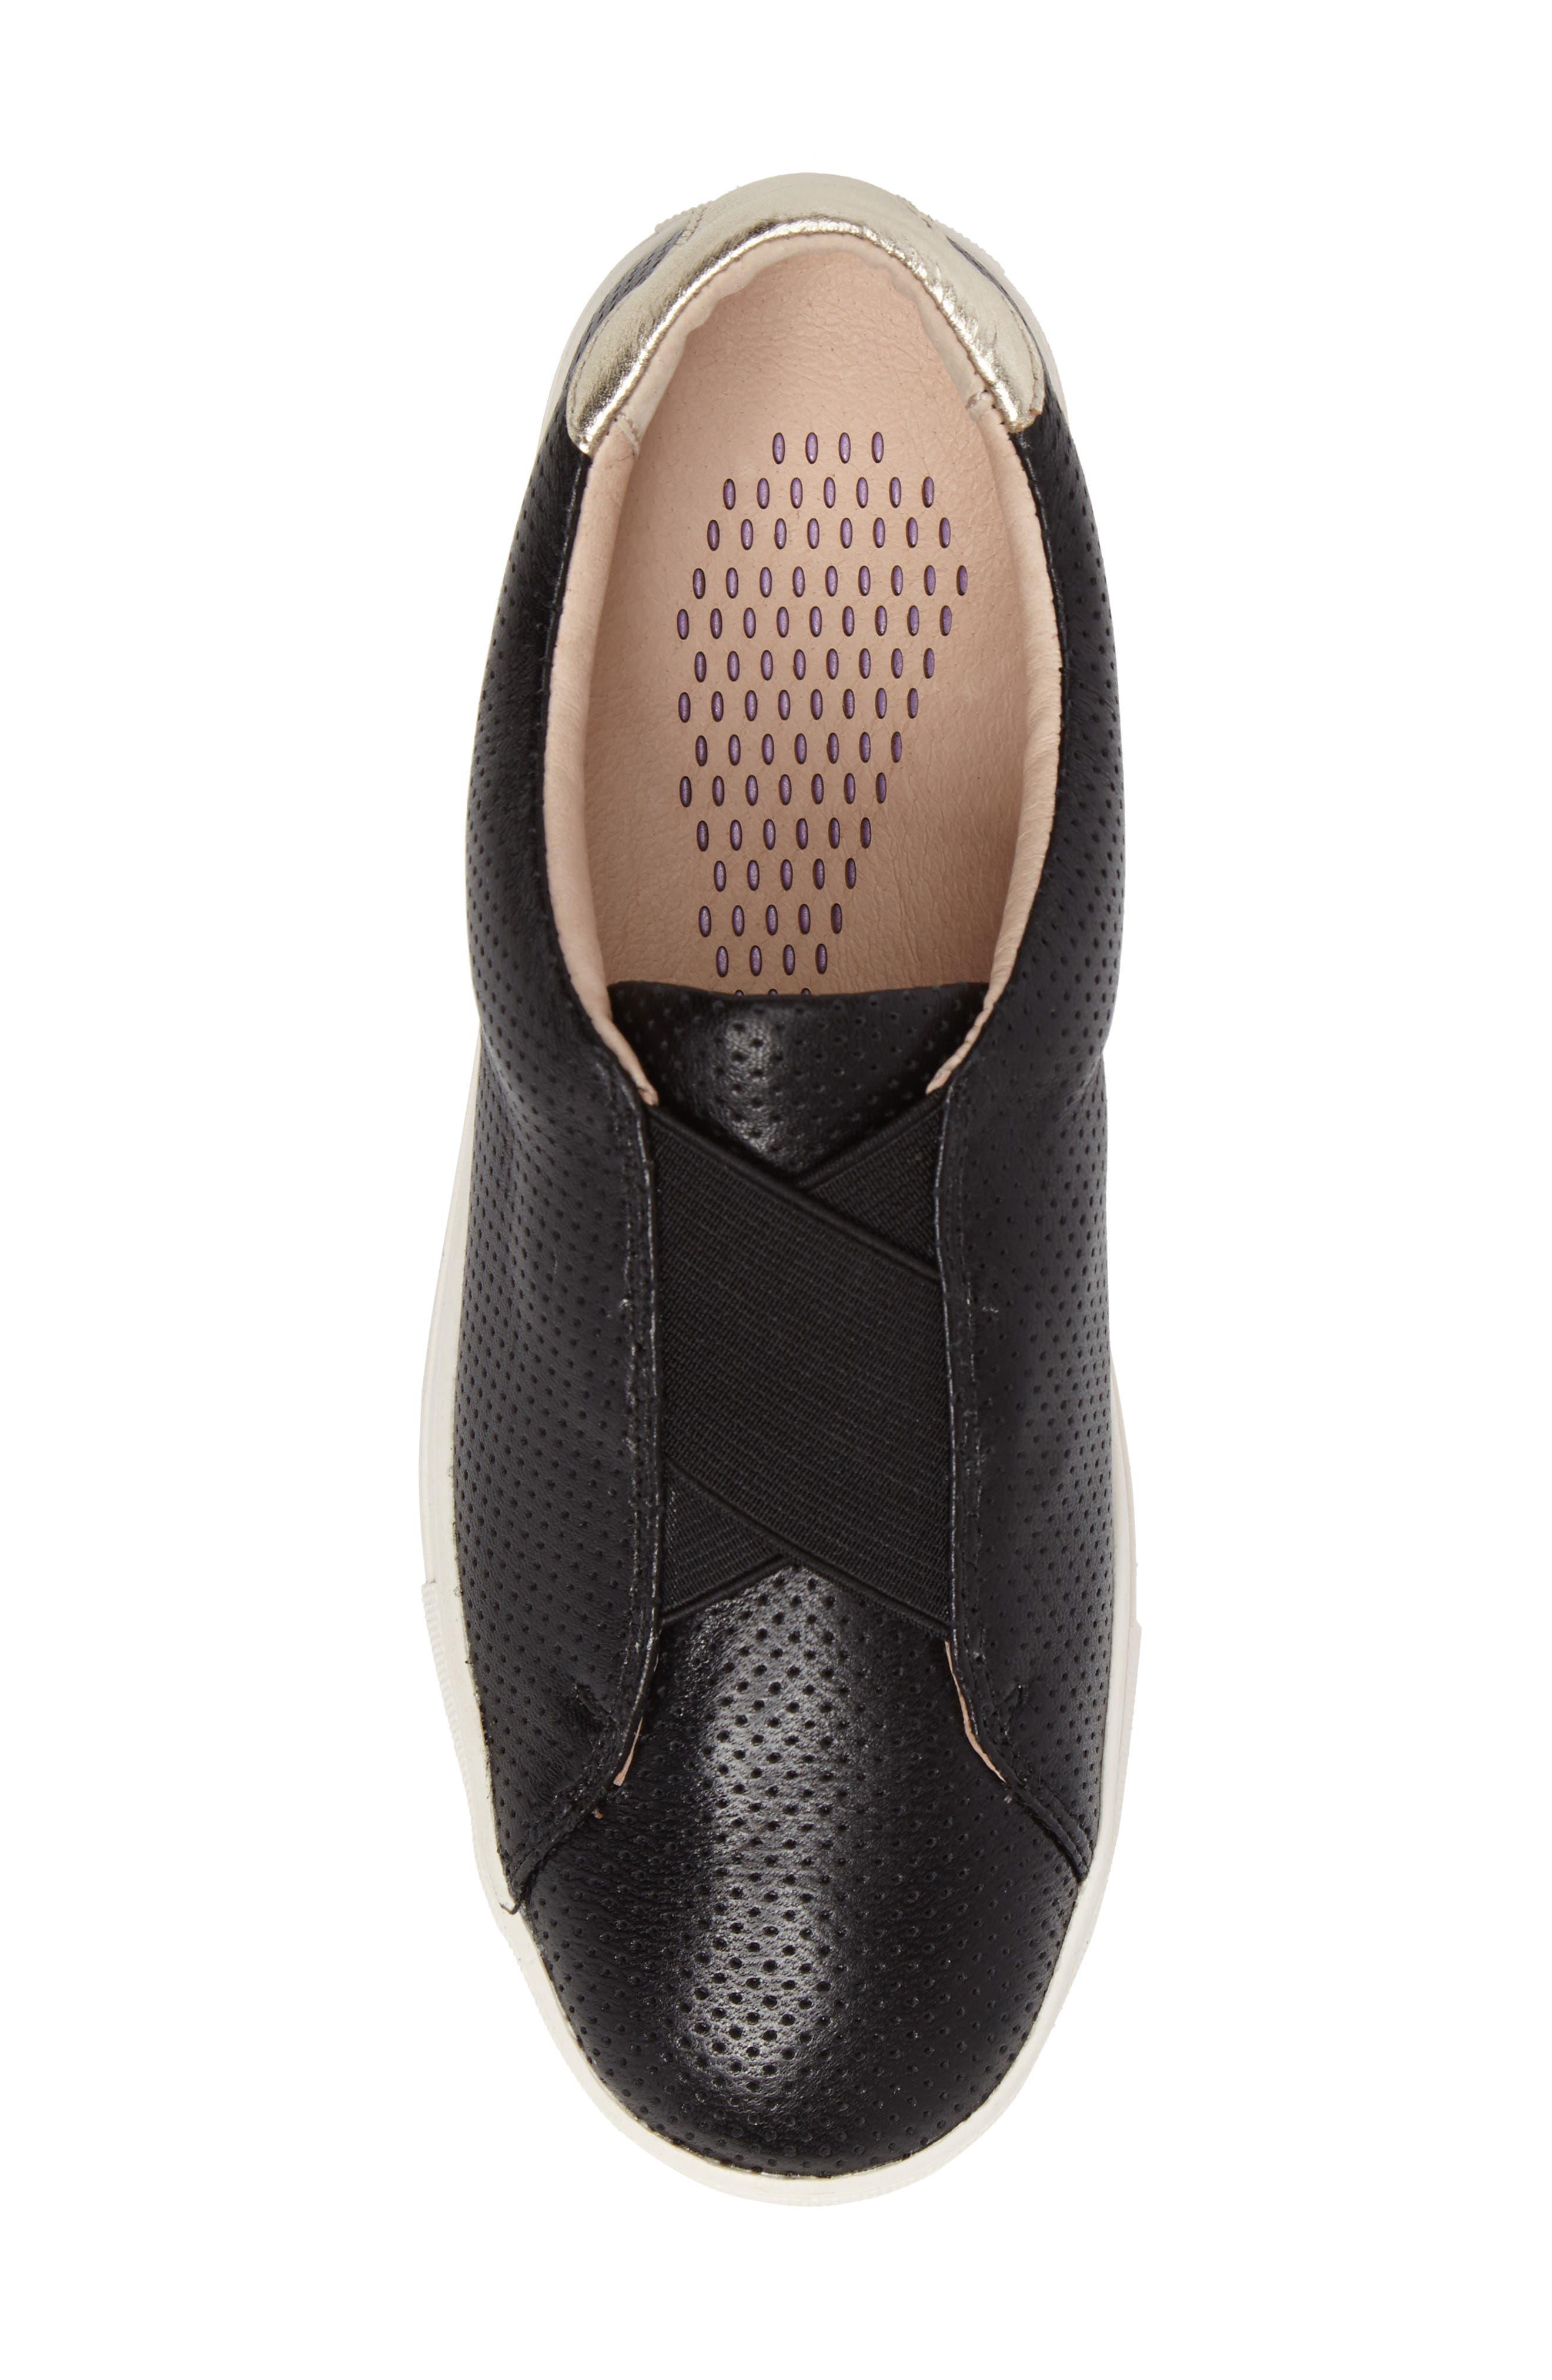 Sudina Giana Slip-On Sneaker,                             Alternate thumbnail 5, color,                             001